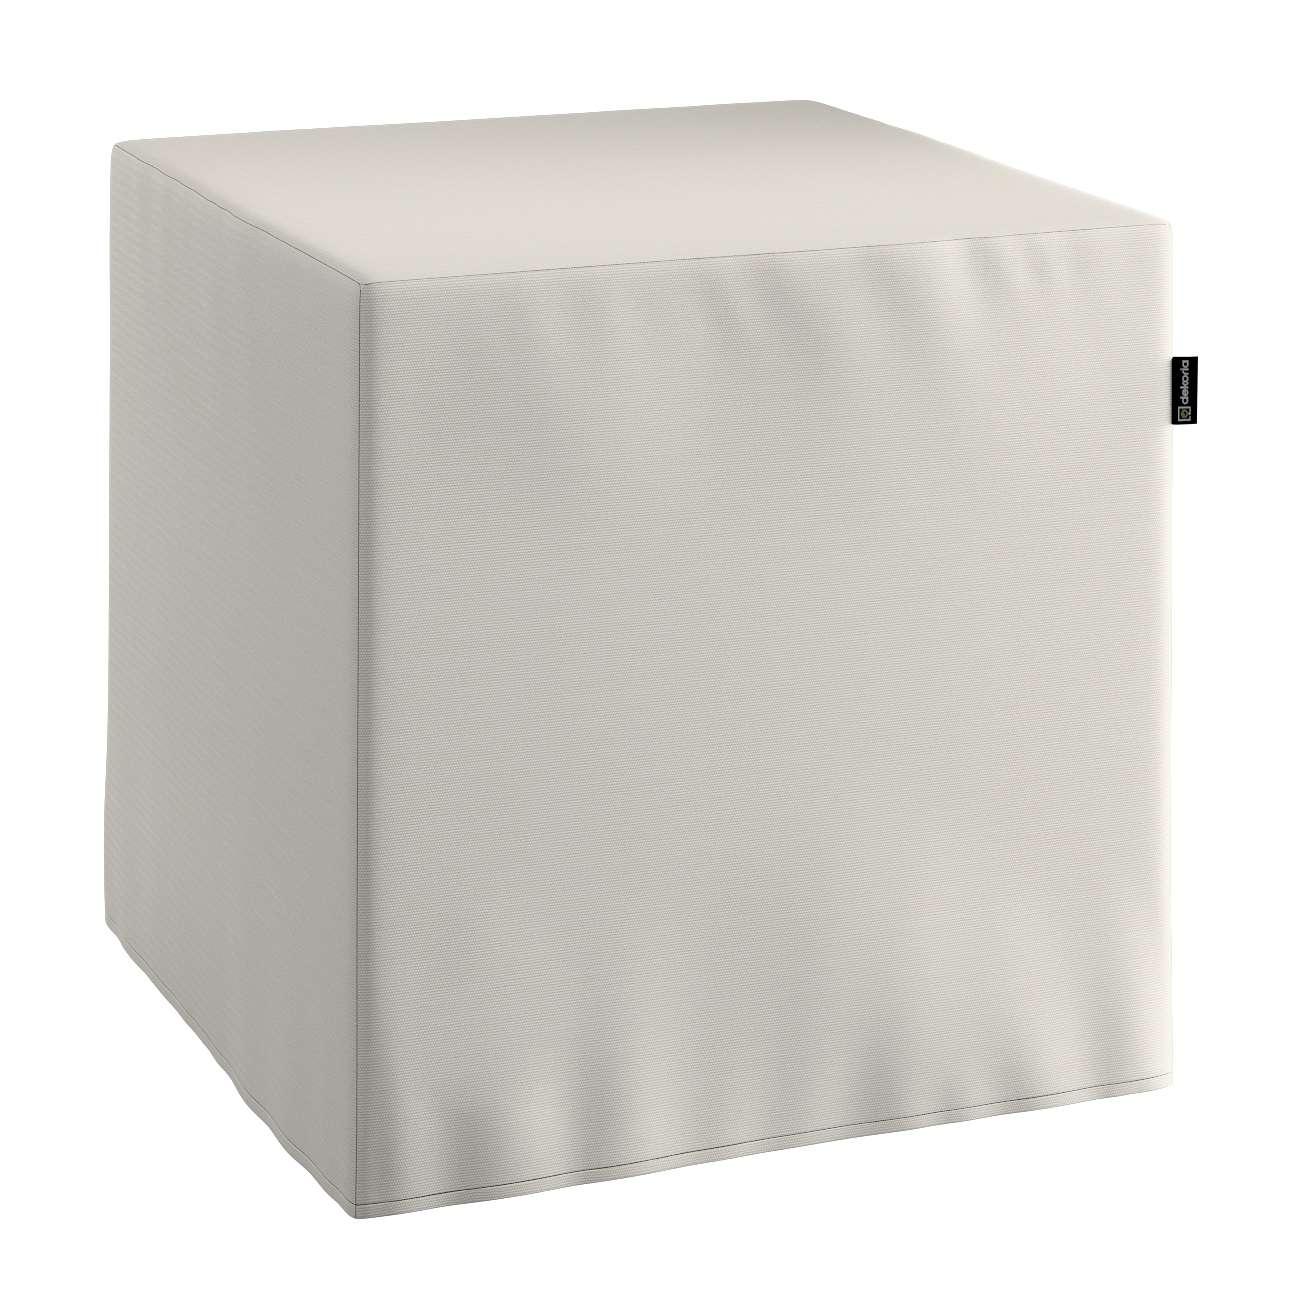 Pokrowiec na pufę kostke kostka 40x40x40 cm w kolekcji Cotton Panama, tkanina: 702-31